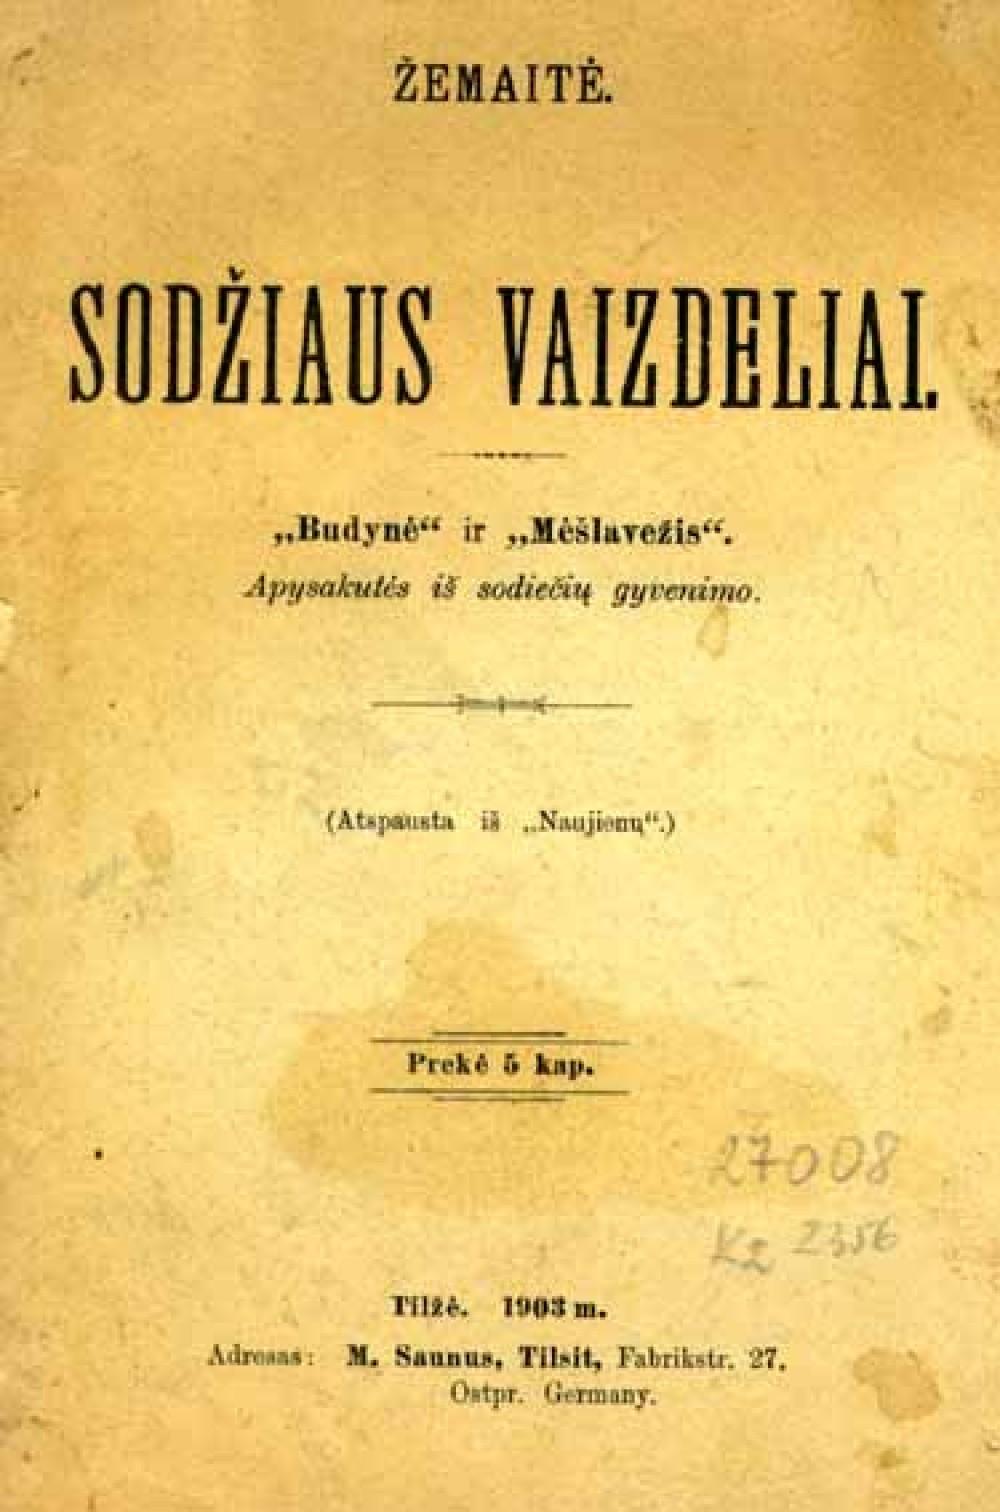 Pirmieji Žemaitės kūriniai išleisti spaudos draudimo metais